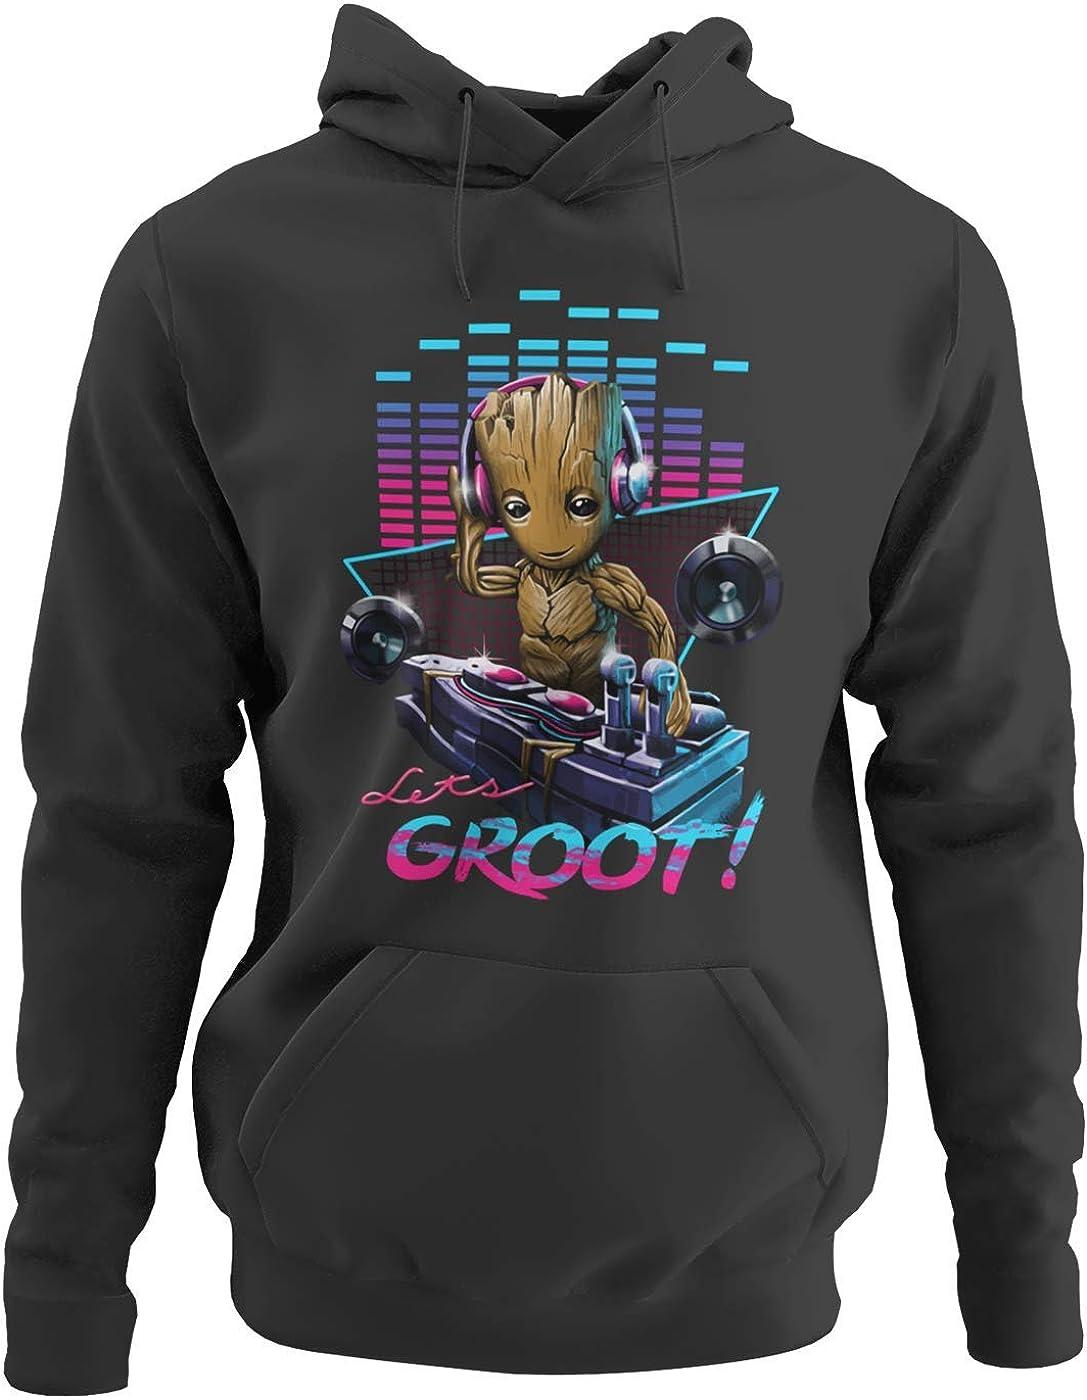 Groot Pullover Kinder Anzug Outfit beil/äufige Jungen und M/ädchen Herbst und Winter Trend Mode Sport und Freizeit Wild Style Junge und M/ädchen